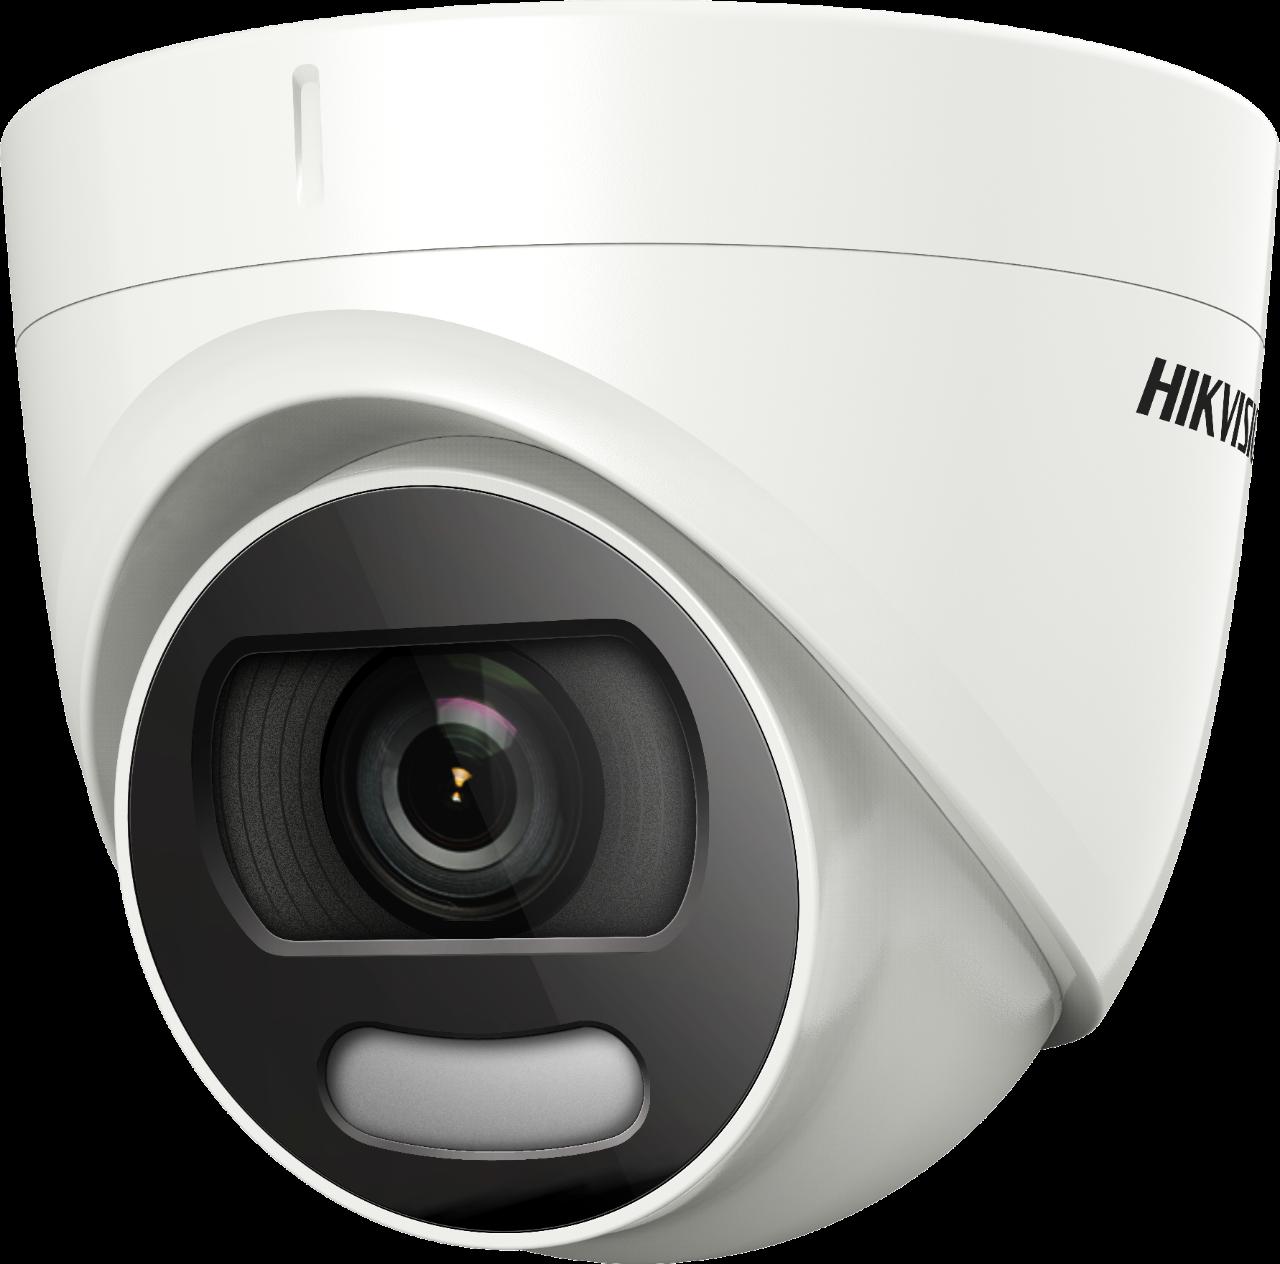 Câmera Turbo HD HDoC do globo ocular / torre Para uso externo Resolução: 5MP Lente: 2.8mm Luz branca 20m IP67 Fonte de alimentação: 12VDC ColorVu - 24/7 cores, 4in1, Up the Coax (HIkVision-C) 130dB True WDR